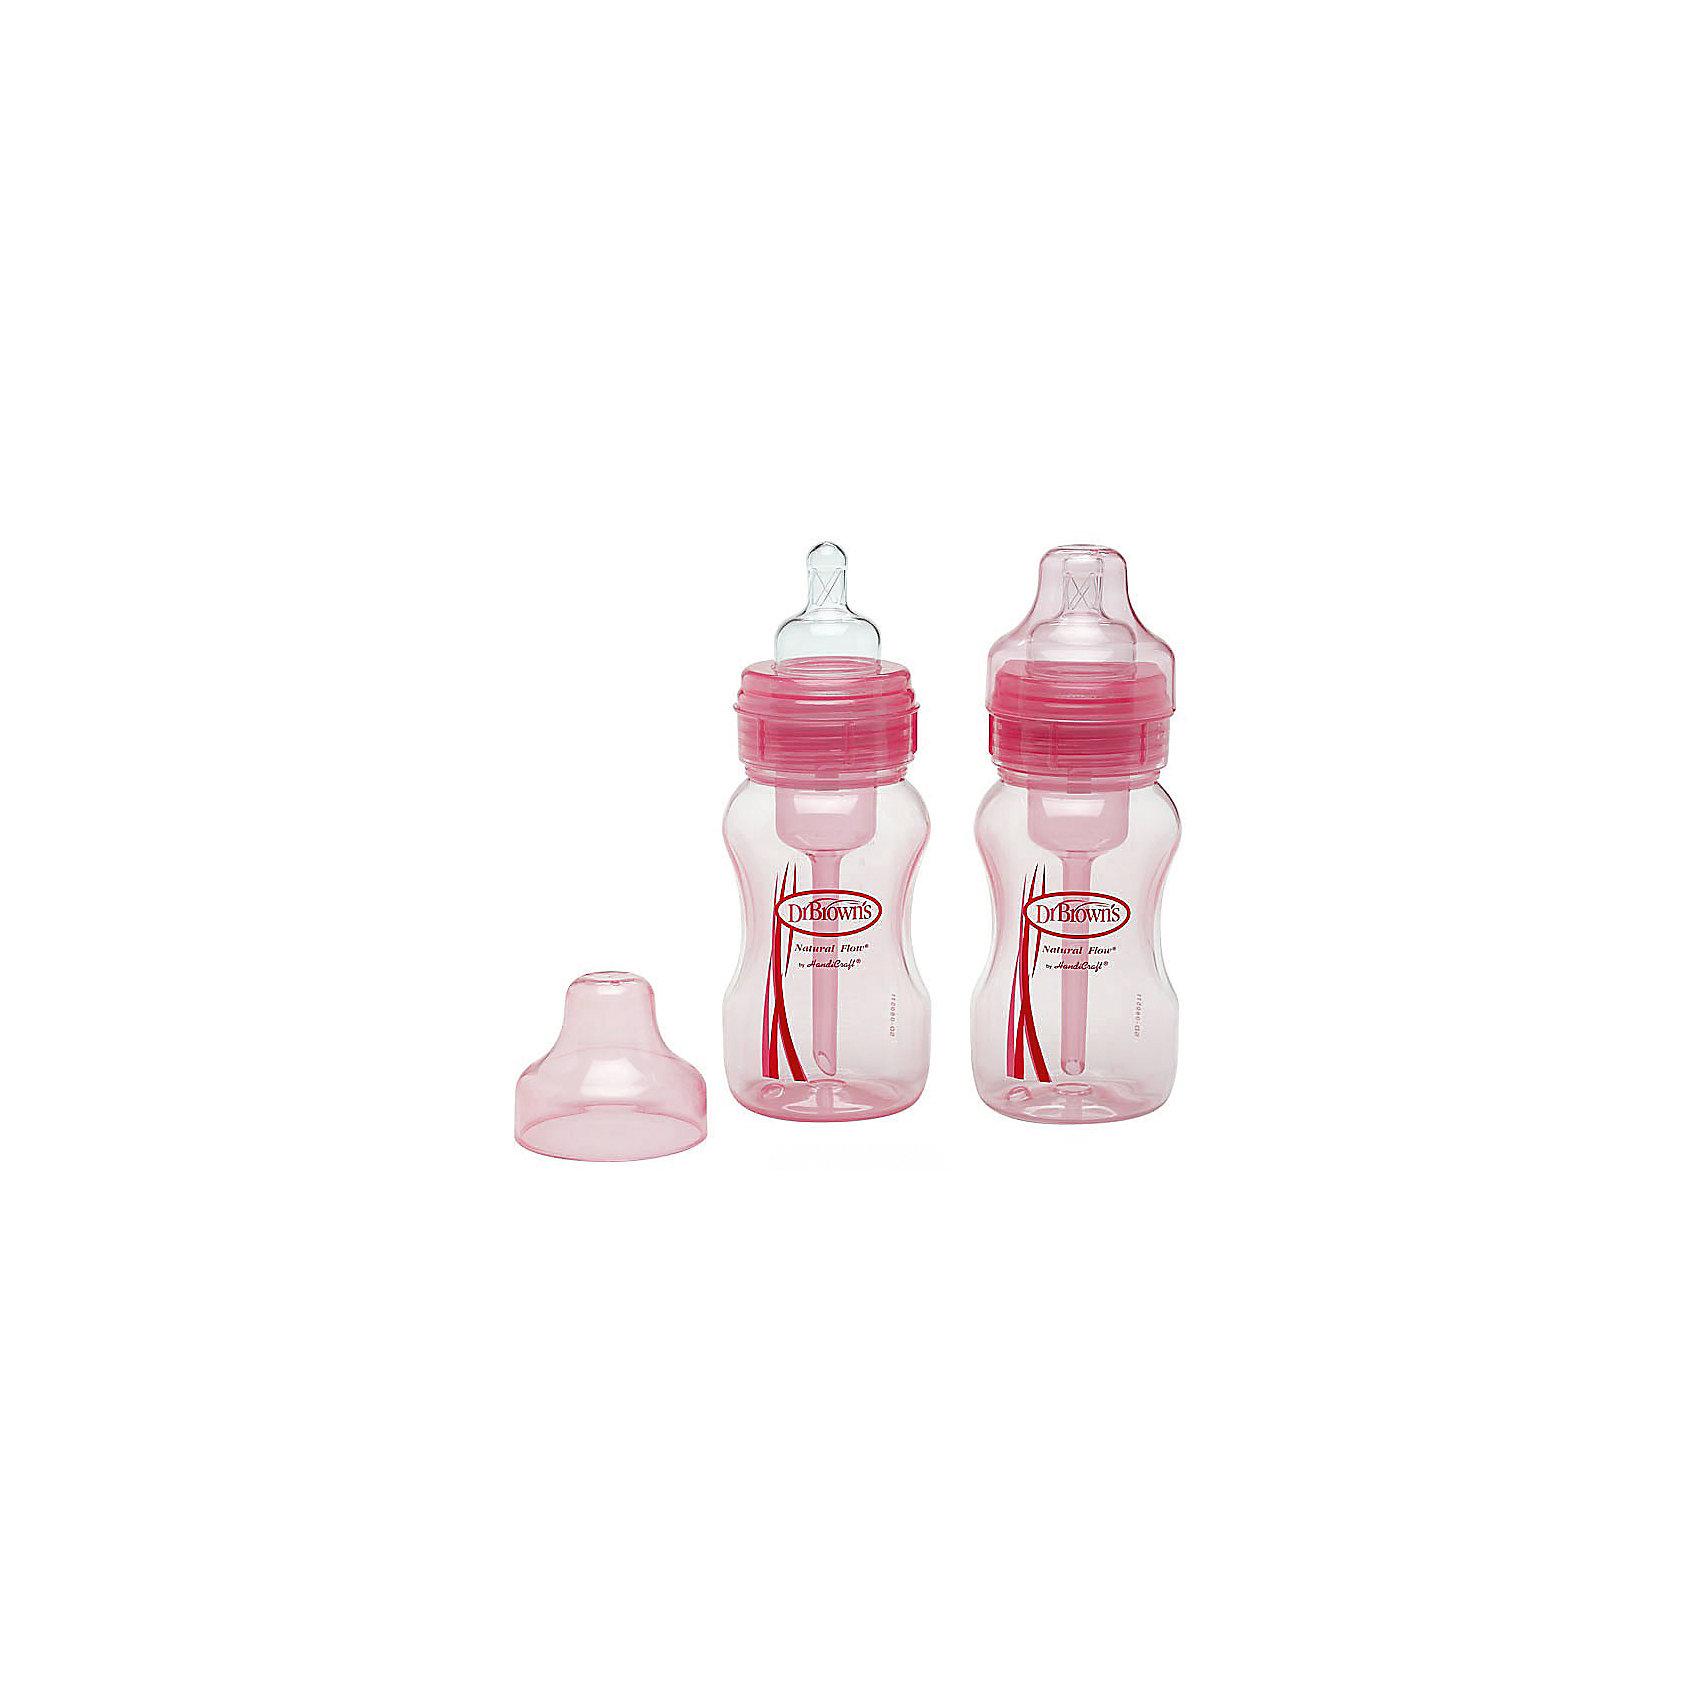 Набор из 2-х бутылочек с широким горлышком 240 мл, полипропилен, Dr. Brown, розовыйБутылочки и аксессуары<br>Две бутылочки для кормления малыша с широким горлышком, создают условия, аналогичные кормлению грудью. Бутылочки прекрасно подходят для смешенного и искусственного вскармливания, а уникальная вентиляционная система сведет к минимуму контакт воздуха с грудным молоком, сохраняя такие важные питательные вещества как витамины С, А и Е.<br><br>Дополнительная информация:<br><br>- Возраст: от 0 до 3 месяцев.<br>- Объем: 240 мл.<br>- Количество: 2 шт.<br>- Материал: полипропилен.<br>- Цвет: розовый.<br><br>Купить набор из двух бутылочек с широким горлышком 240 мл., в розовом цвете, от Dr. Brown, можно в нашем магазине.<br><br>Ширина мм: 70<br>Глубина мм: 142<br>Высота мм: 230<br>Вес г: 284<br>Возраст от месяцев: -2147483648<br>Возраст до месяцев: 2147483647<br>Пол: Унисекс<br>Возраст: Детский<br>SKU: 4796747